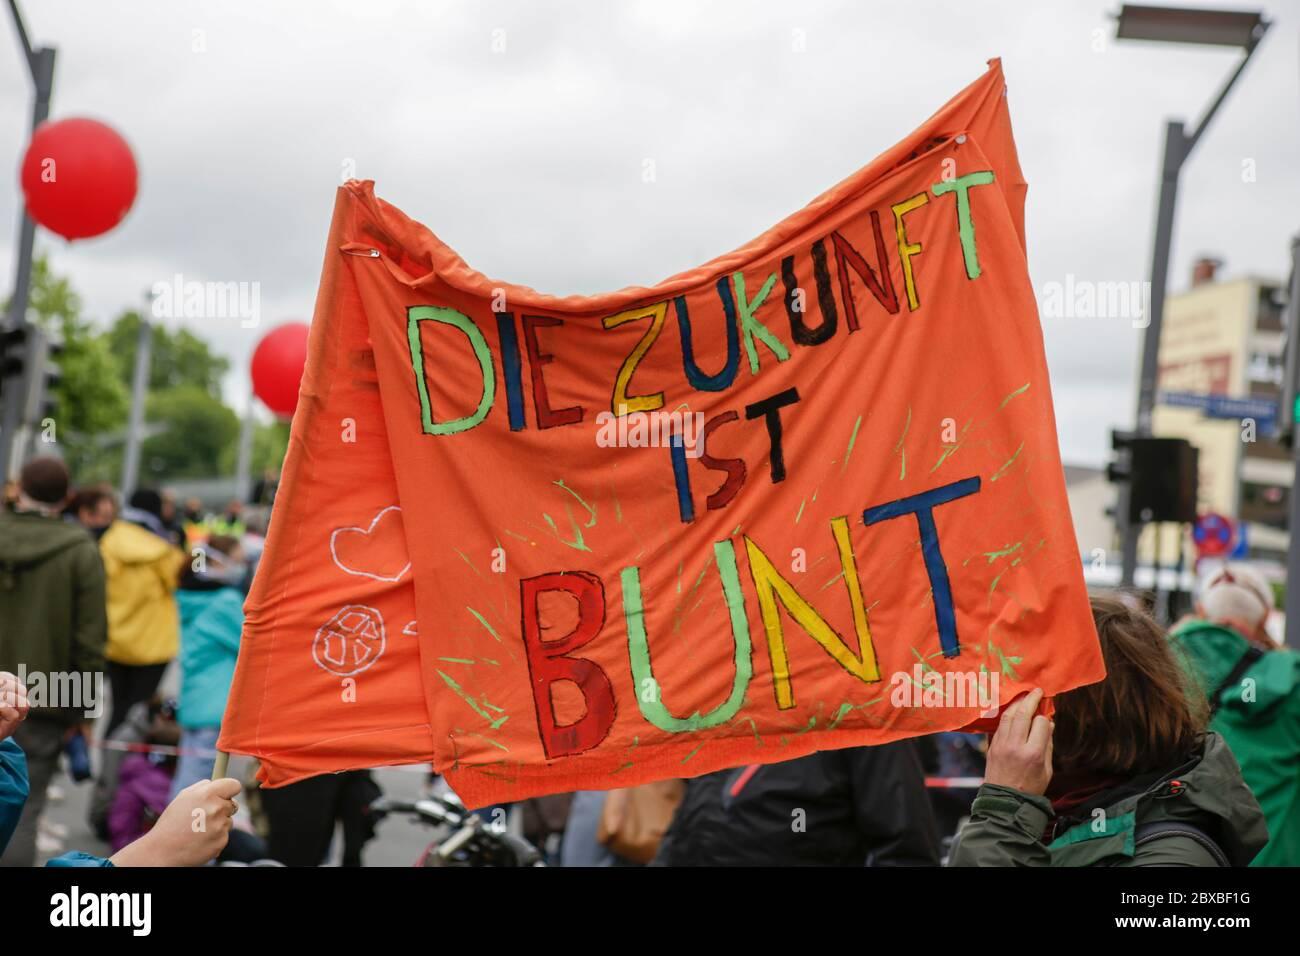 """Worm, Germania. 6 giugno 2020. I manifestanti hanno un banner che recita """"il futuro è colorato"""". Circa 50 manifestanti di destra hanno marciato attraverso il centro di Worms per il 12. E l'ultimo 'giorno del futuro tedesco'. La marcia è stata ridotta a causa di diverse centinaia di contronestori che hanno bloccato la strada della marcia di destra. la marcia è stata un evento annuale di destra in diverse città tedesche che ha attirato oltre 1000 manifestanti al suo massimo livello. Foto Stock"""